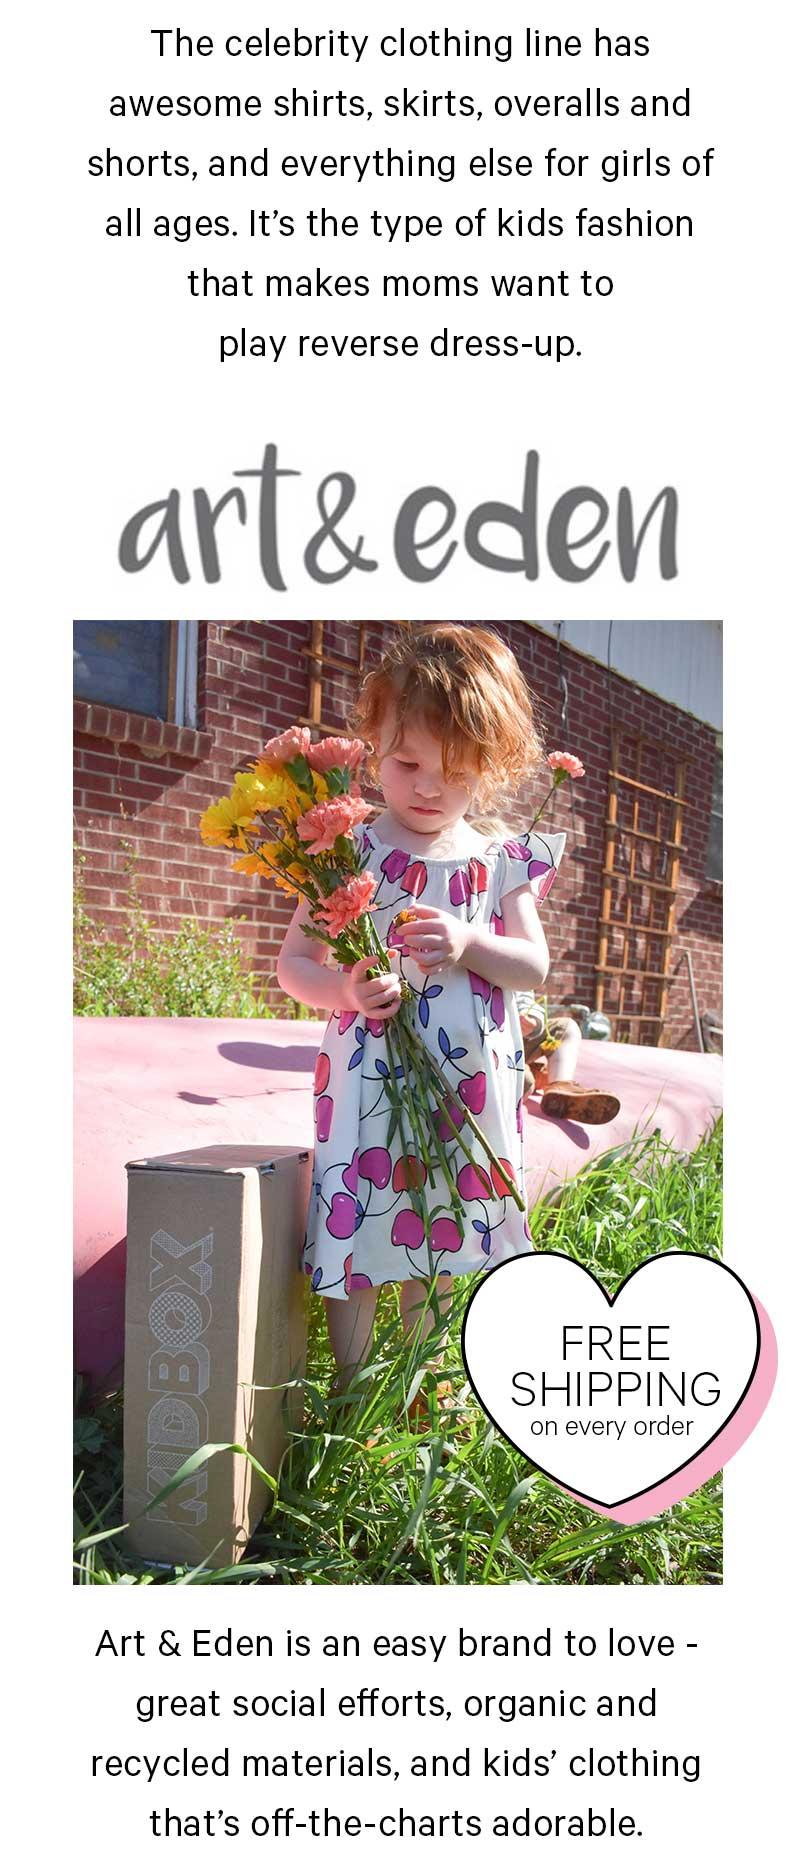 Art & Eden for girls!